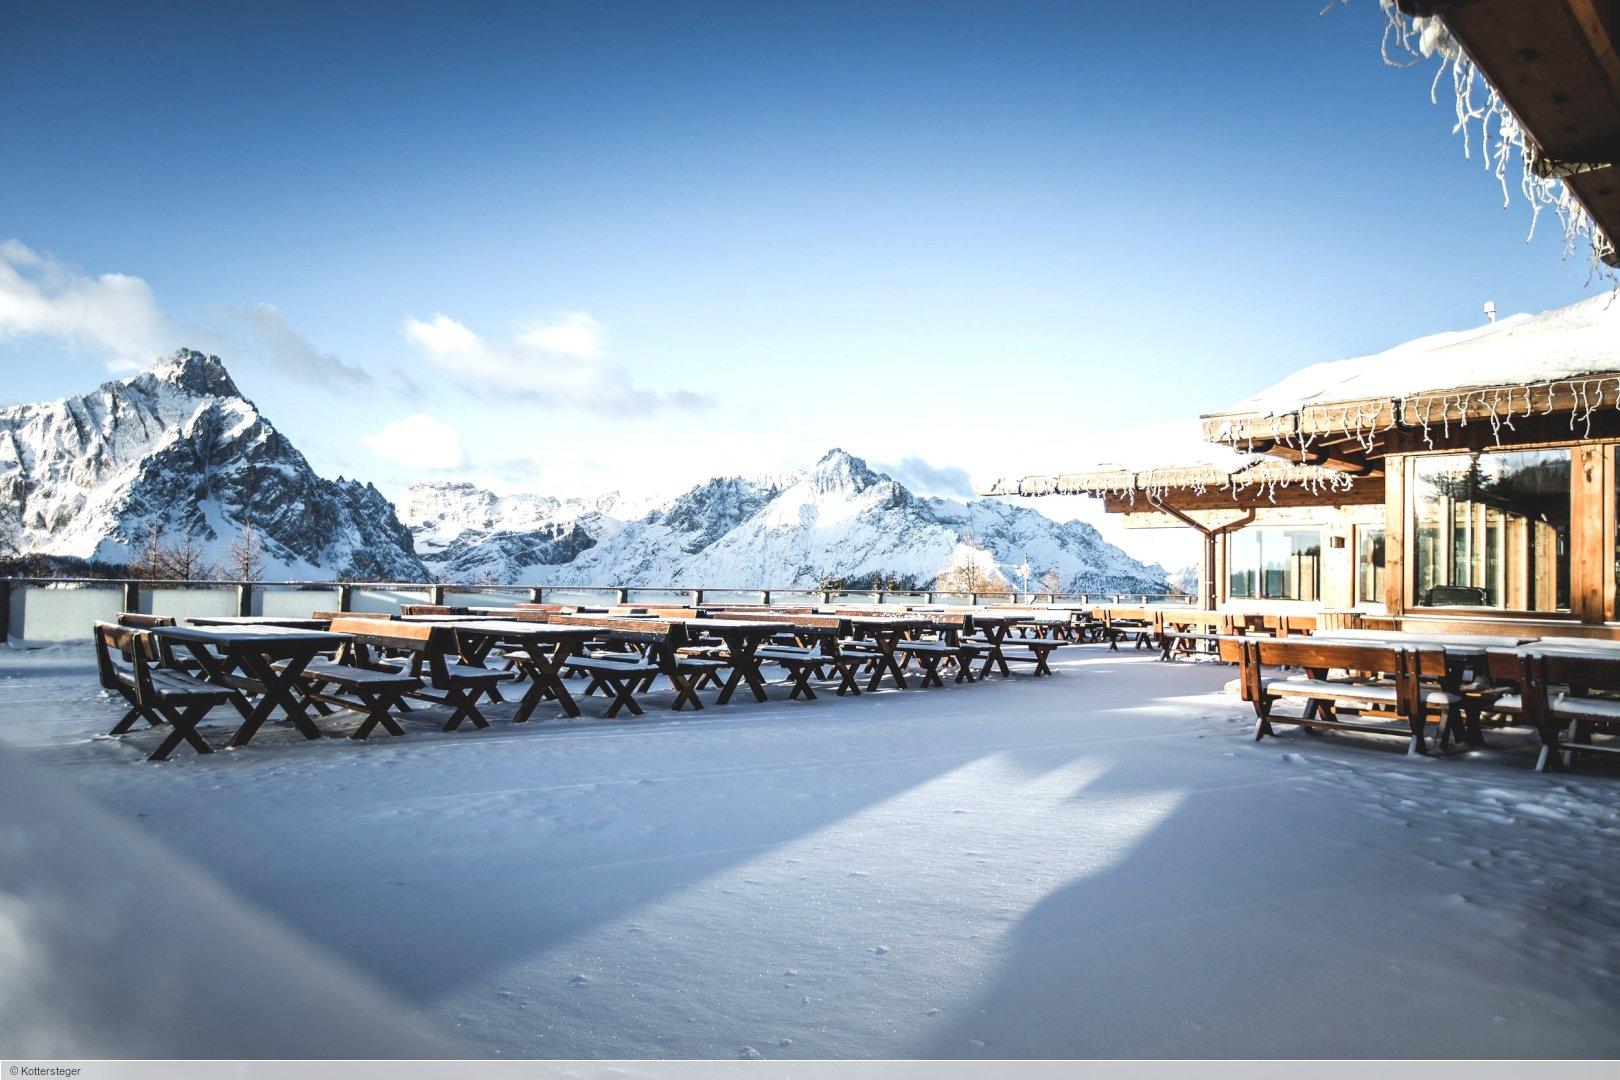 après-ski in Innichen